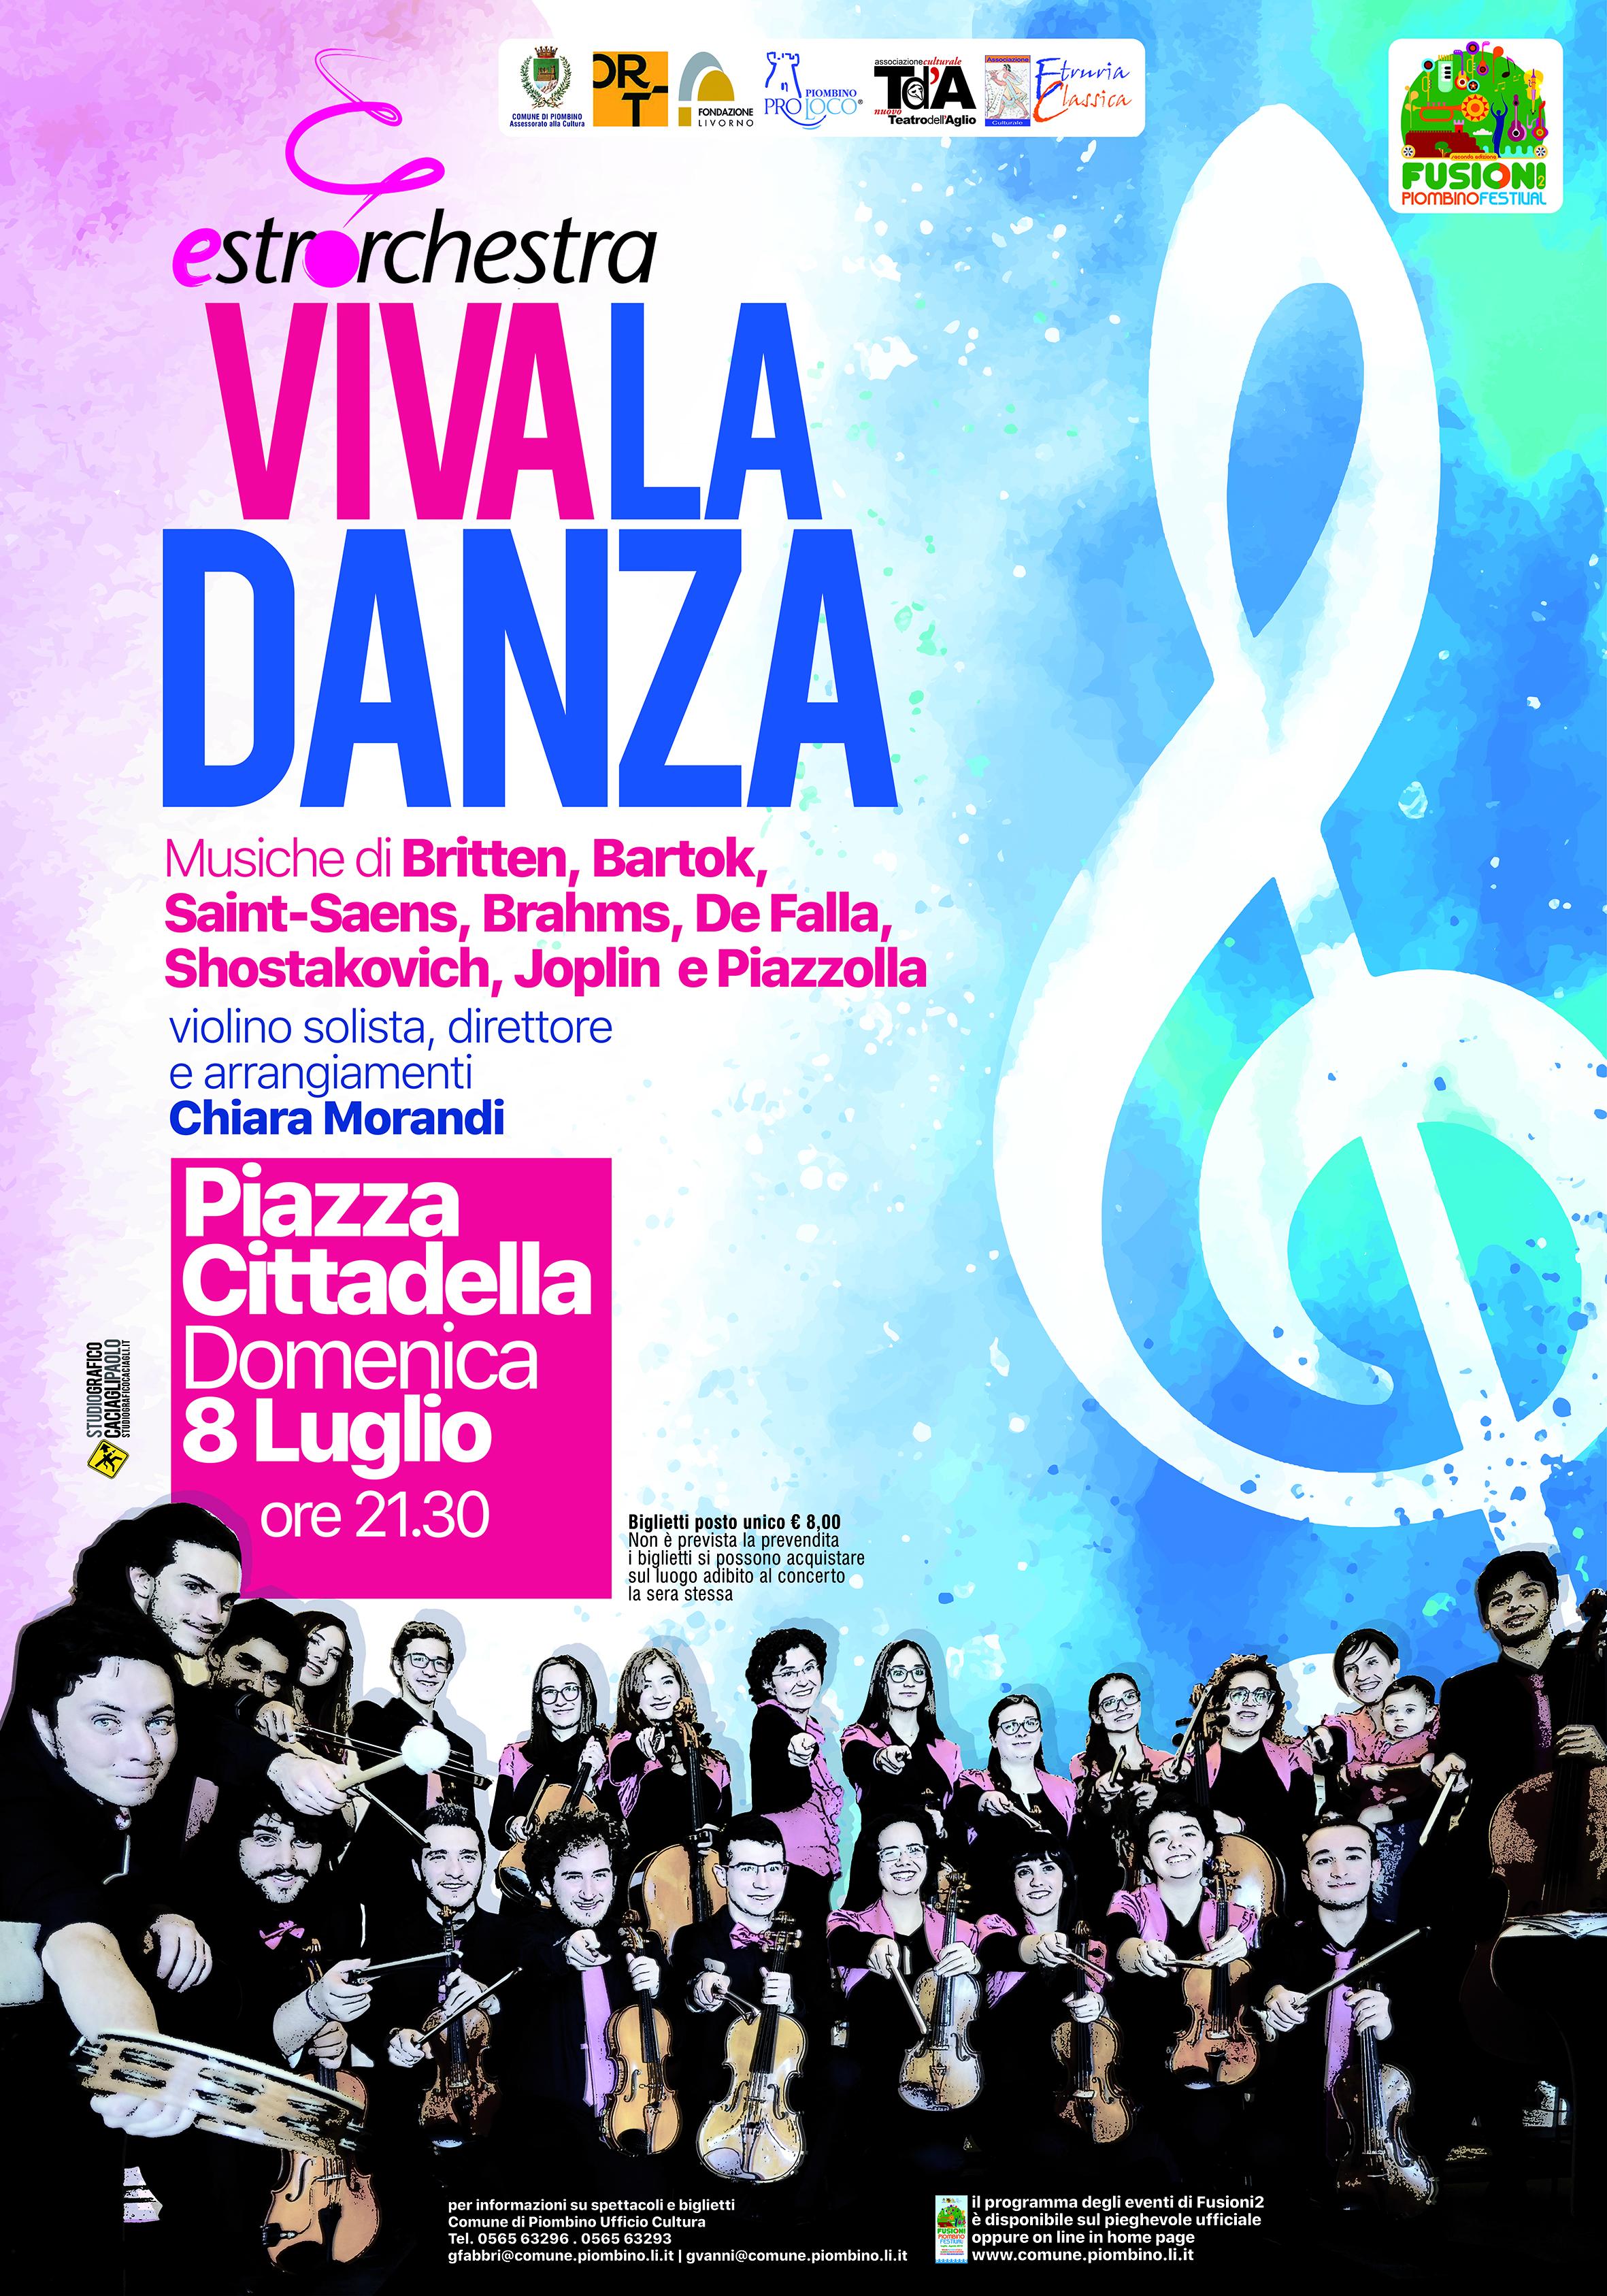 Estrorchestra – Viva la Danza!